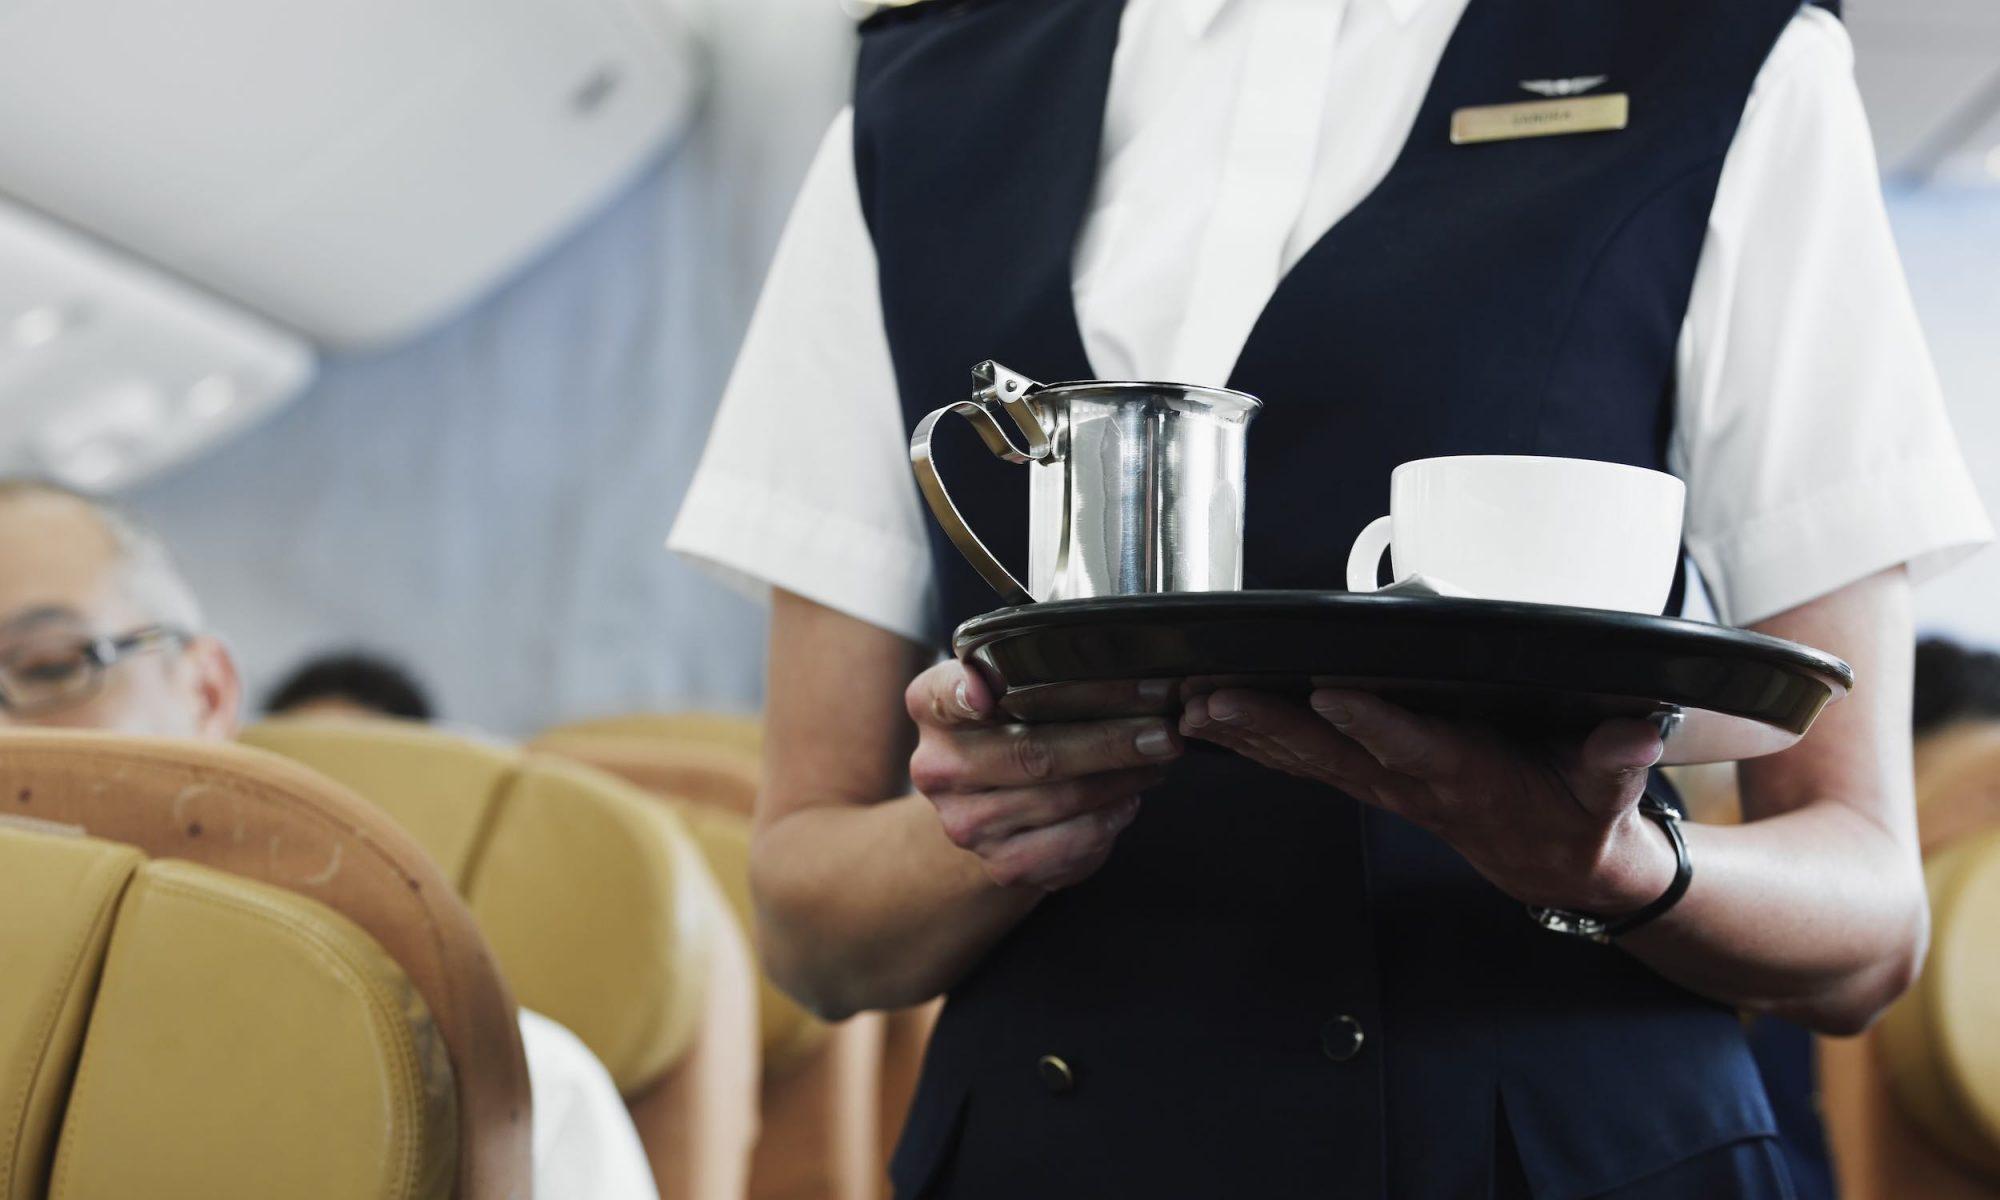 airplane emergency landing coffee maker